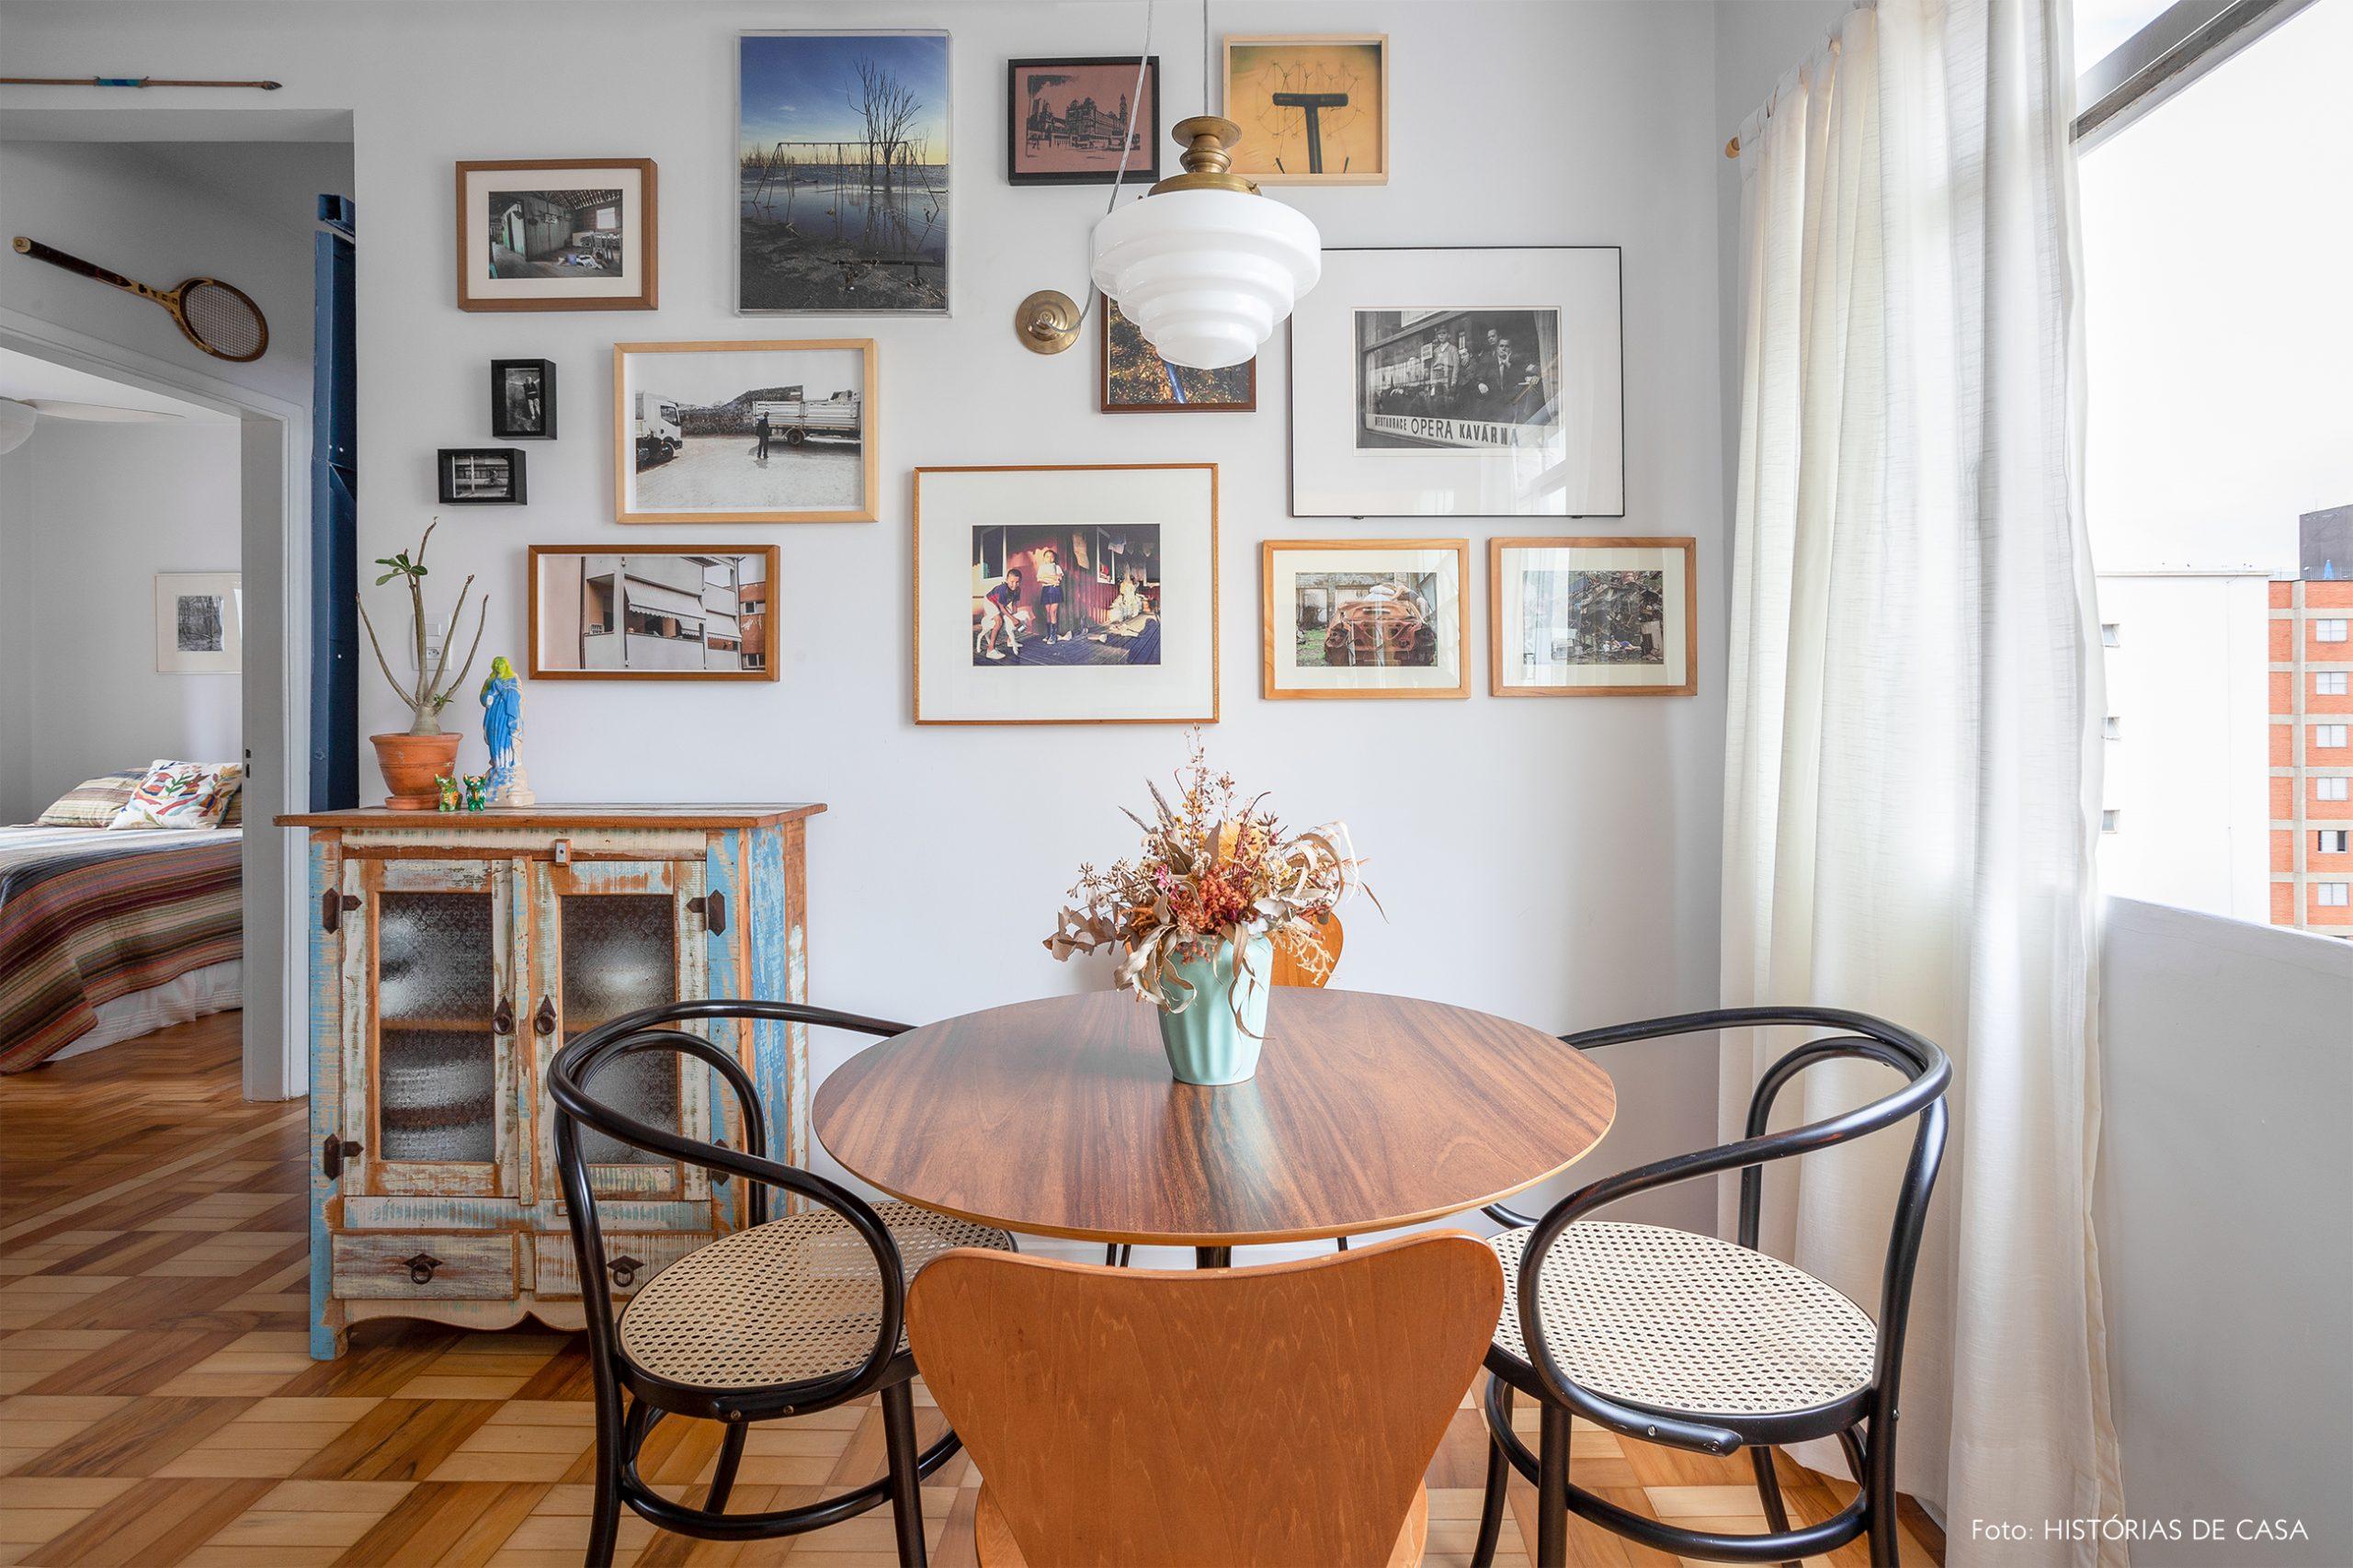 decoração sala jantar com mesa redonda de madeira e muitos quadros